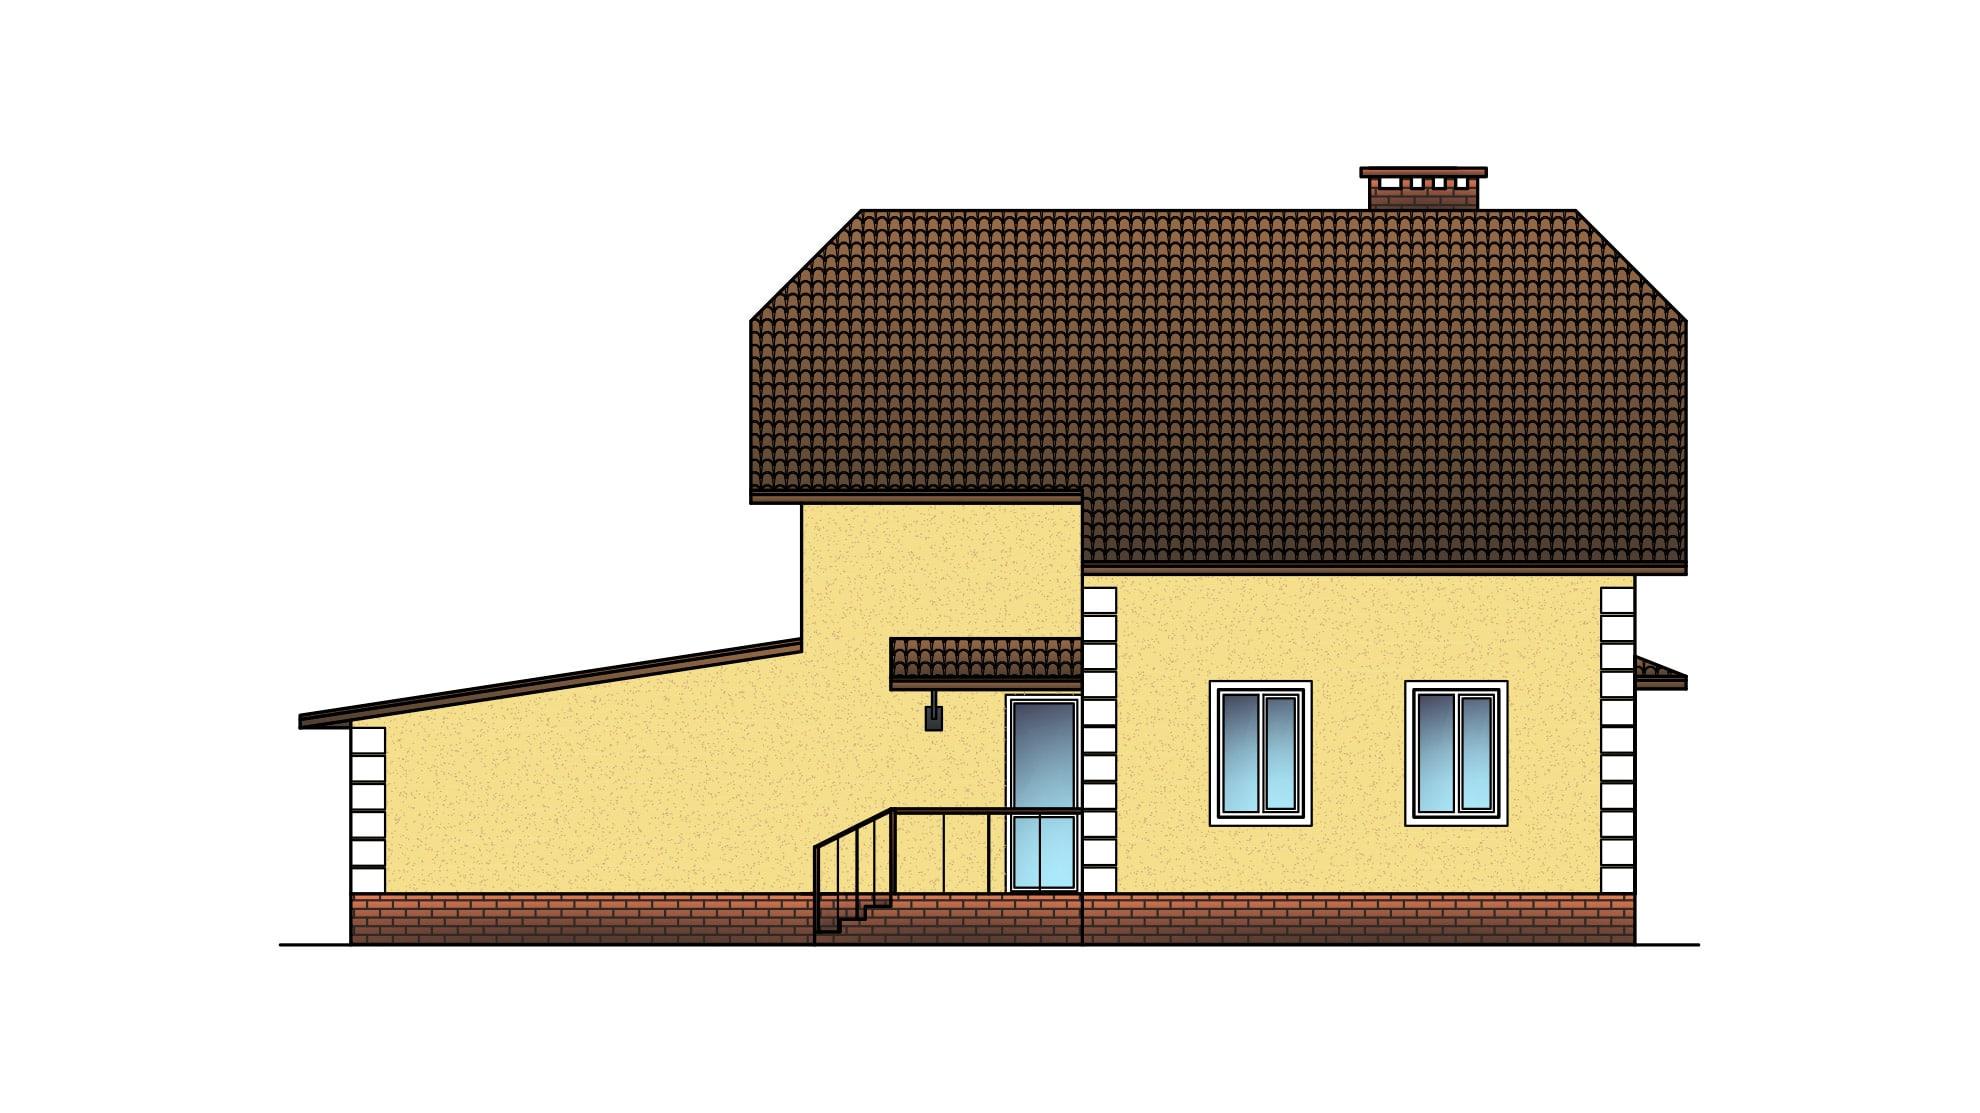 Фасад мансардного дома с гаражом «КМ-19» - сзади